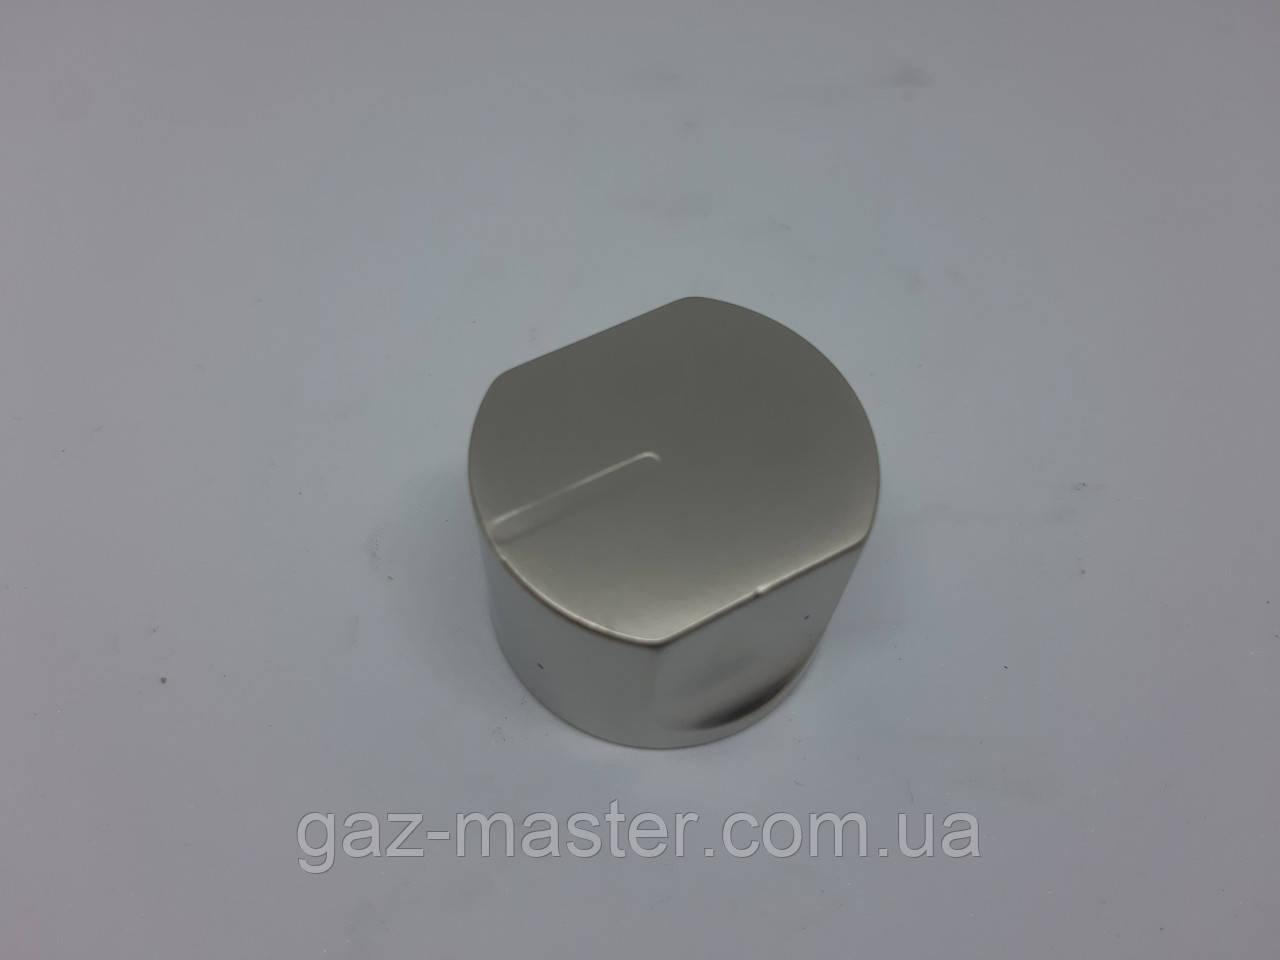 Ручка для газовой плиты, поверхности d-6мм (металл серебро)